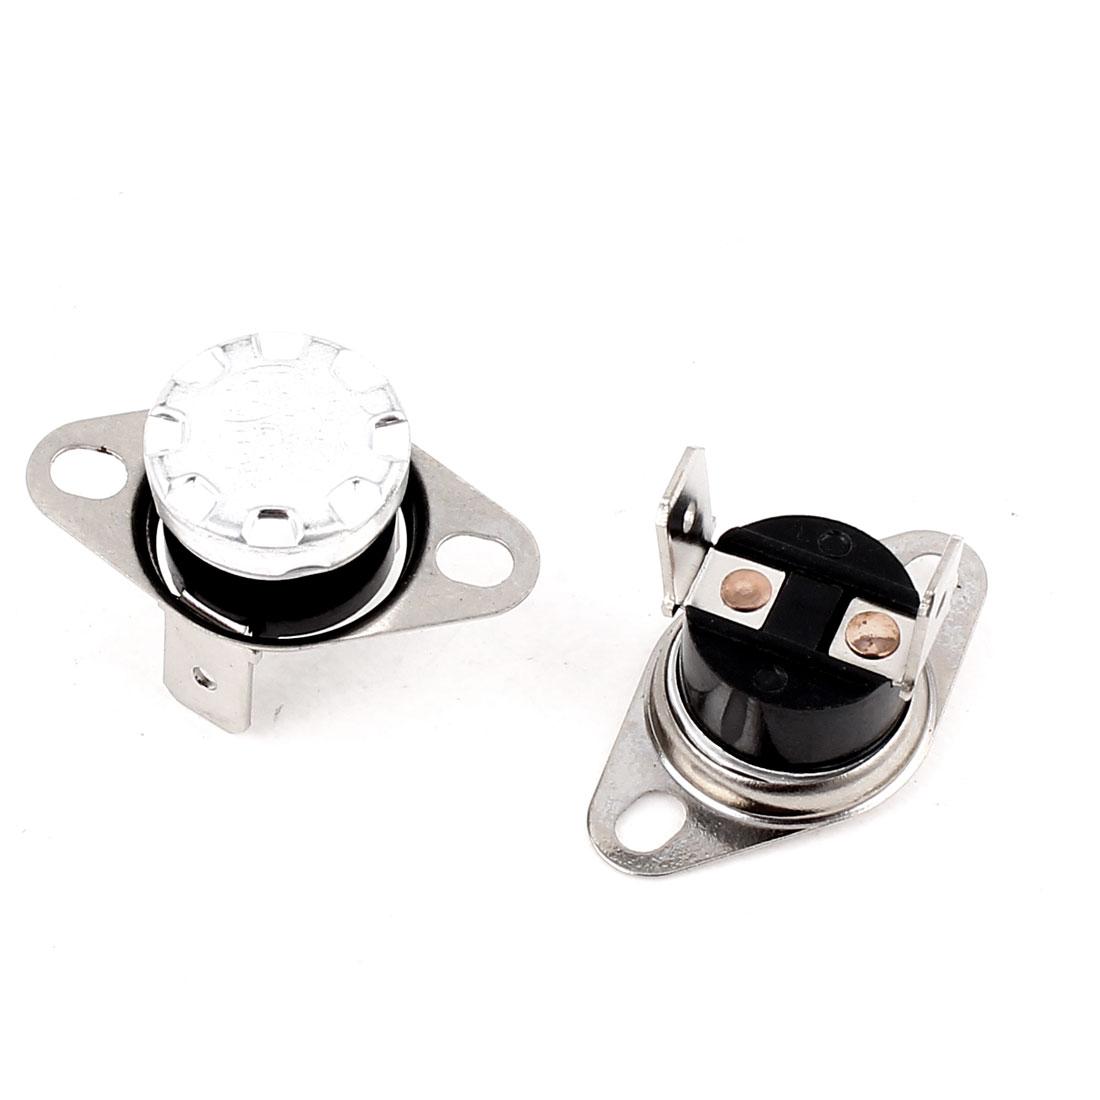 2 Pcs KSD302 Temperature Control Switch Thermostats 250VAC 10A 155 Celsius N.C.